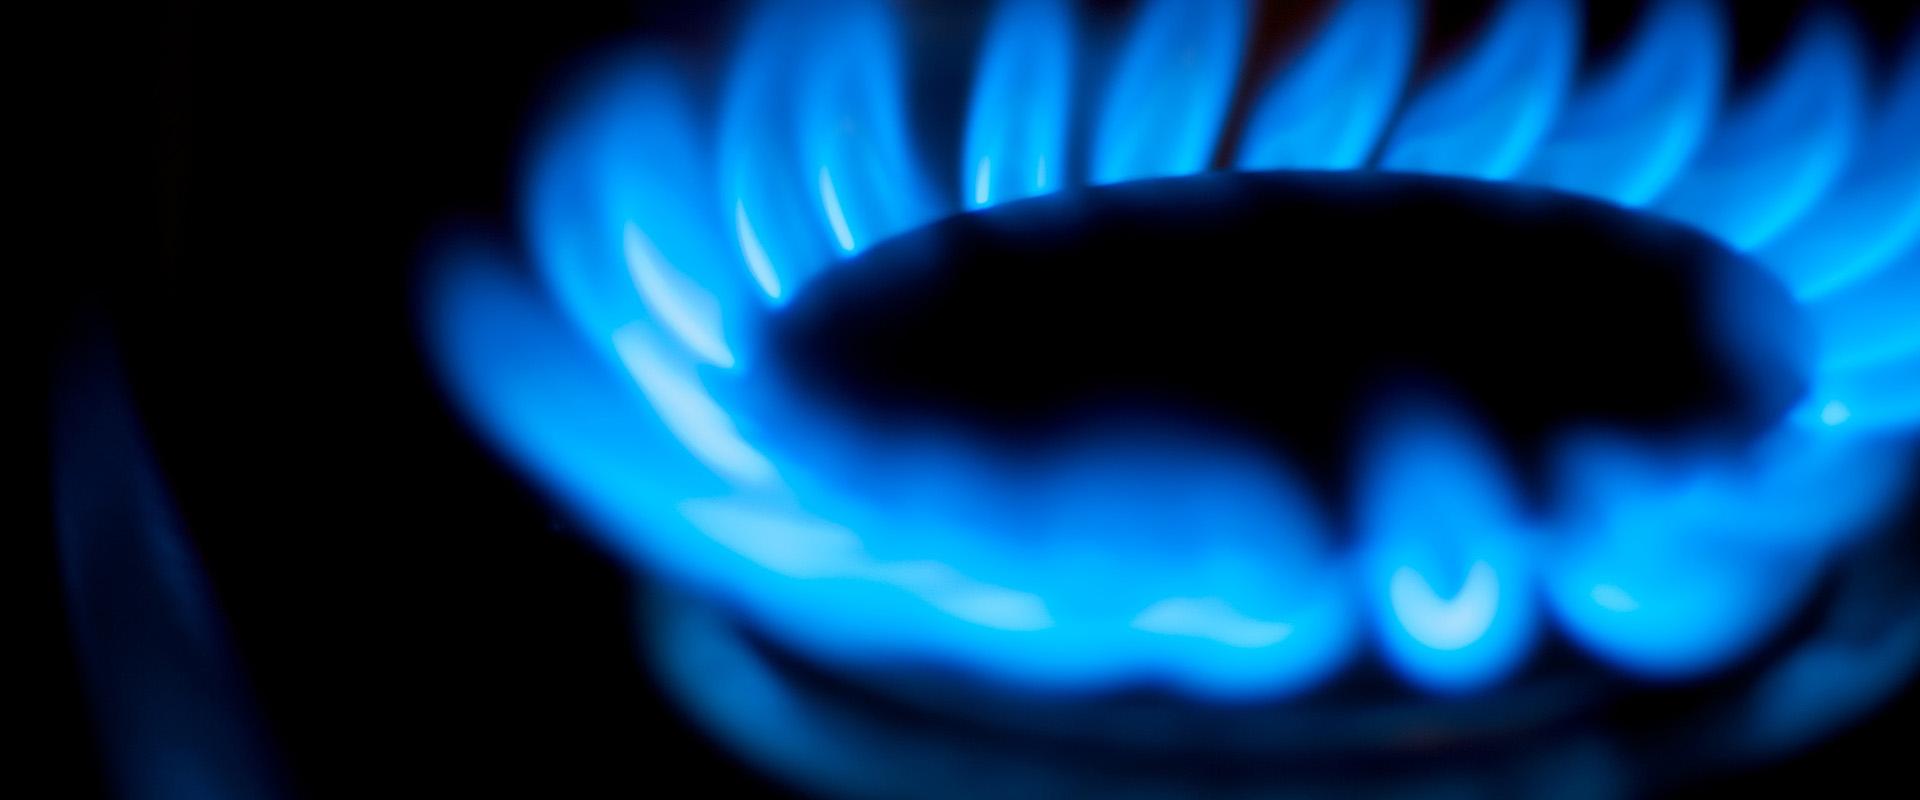 Différences entre gaz naturel et gaz propane